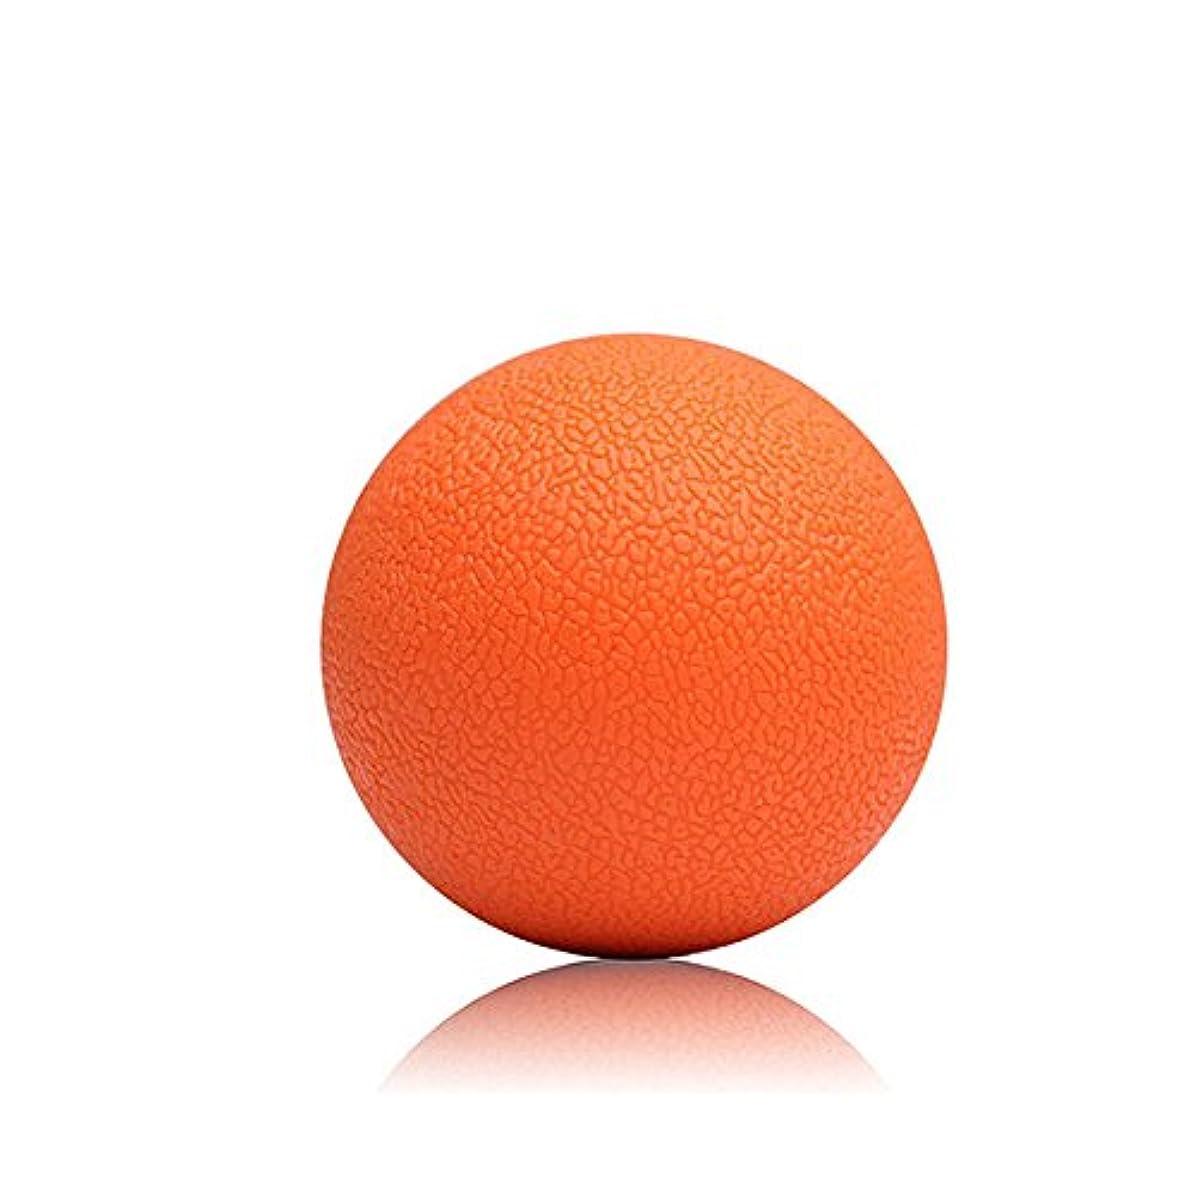 レイ司書突然マッサージボール 筋膜リリース 指圧ボール 足裏 ふくらはぎ ツボ押しグッズ 健康グッズ